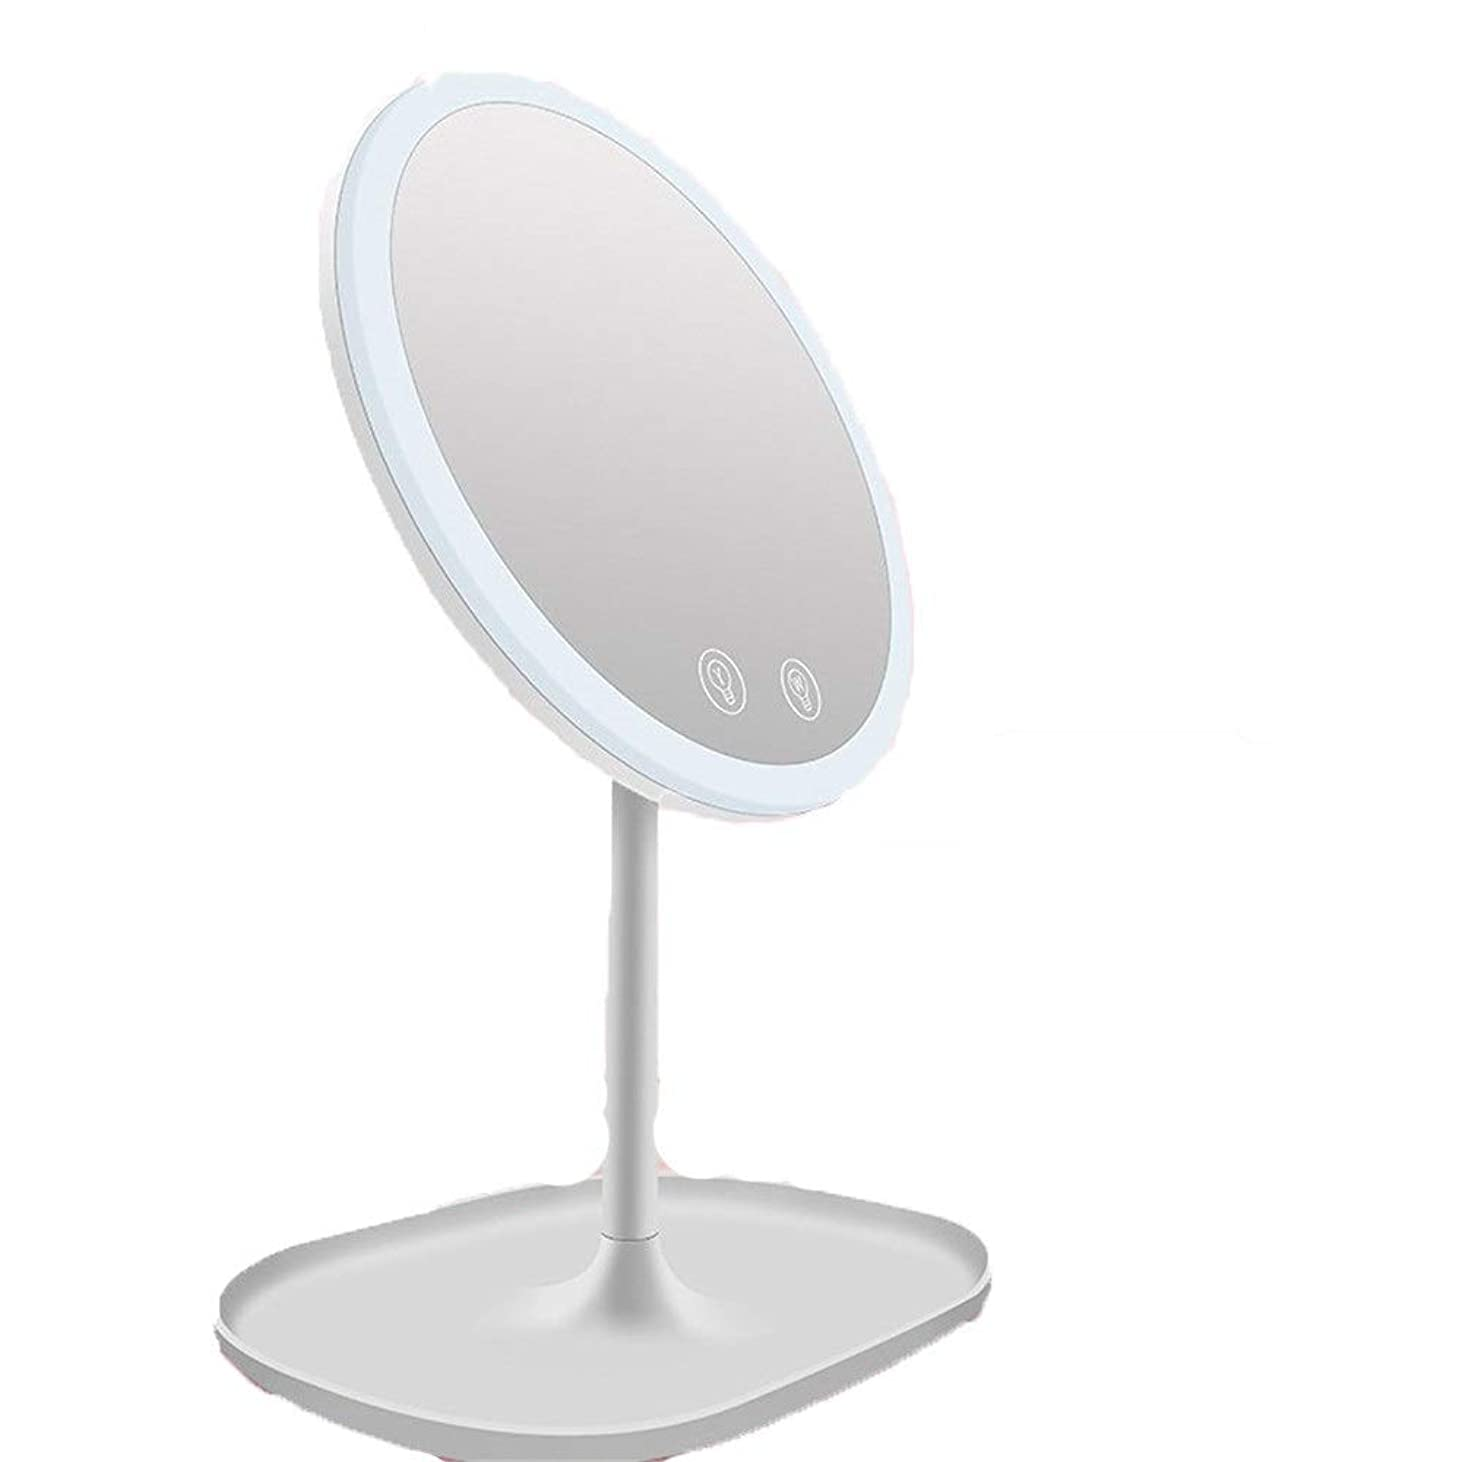 作る場合ジャケット化粧鏡 照明付き化粧鏡充電式化粧台ミラー10倍倍率タッチコントロール調整可能なLEDライトミラー回転卓上化粧品ミラー 新年プレゼント (色 : 白, サイズ : ワンサイズ)